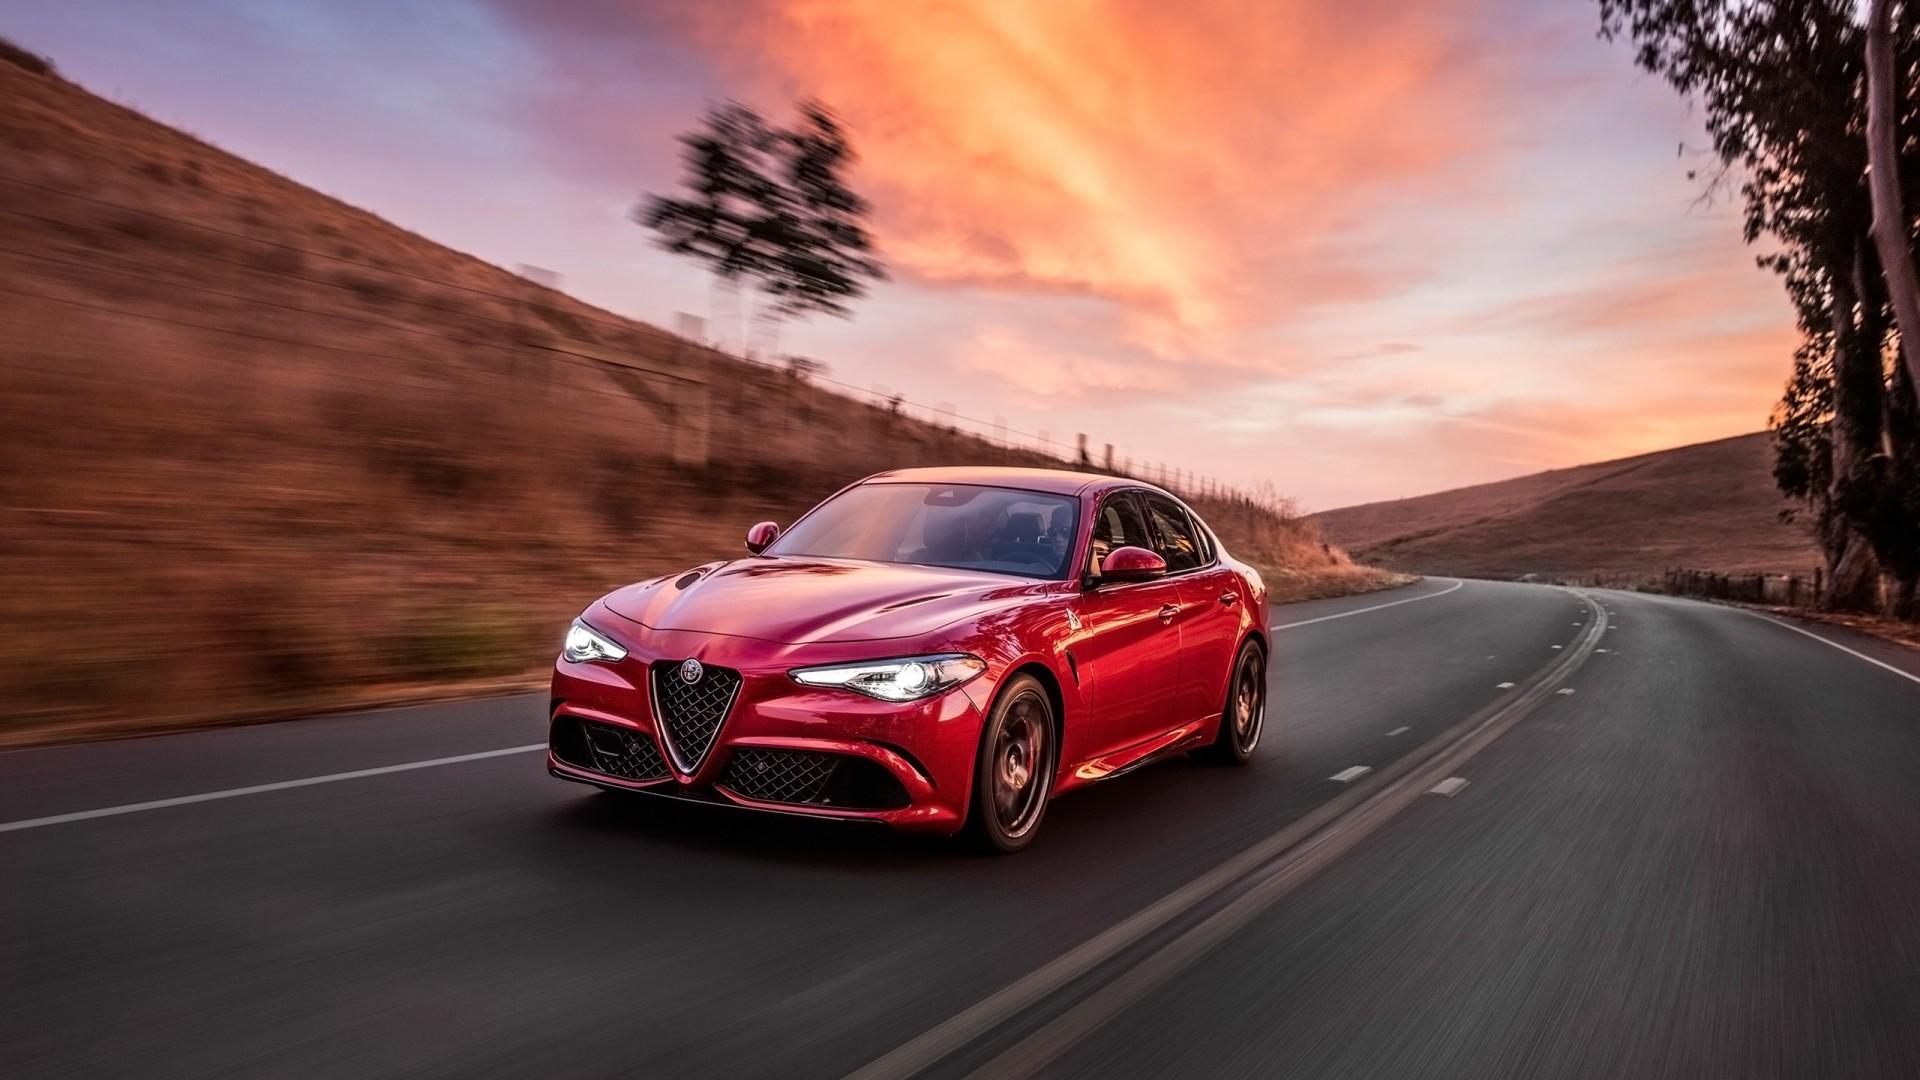 Alfa Romeo Giulietta >> 2017 Alfa Romeo Giulia Quadrifoglio Wallpaper | HD Car ...